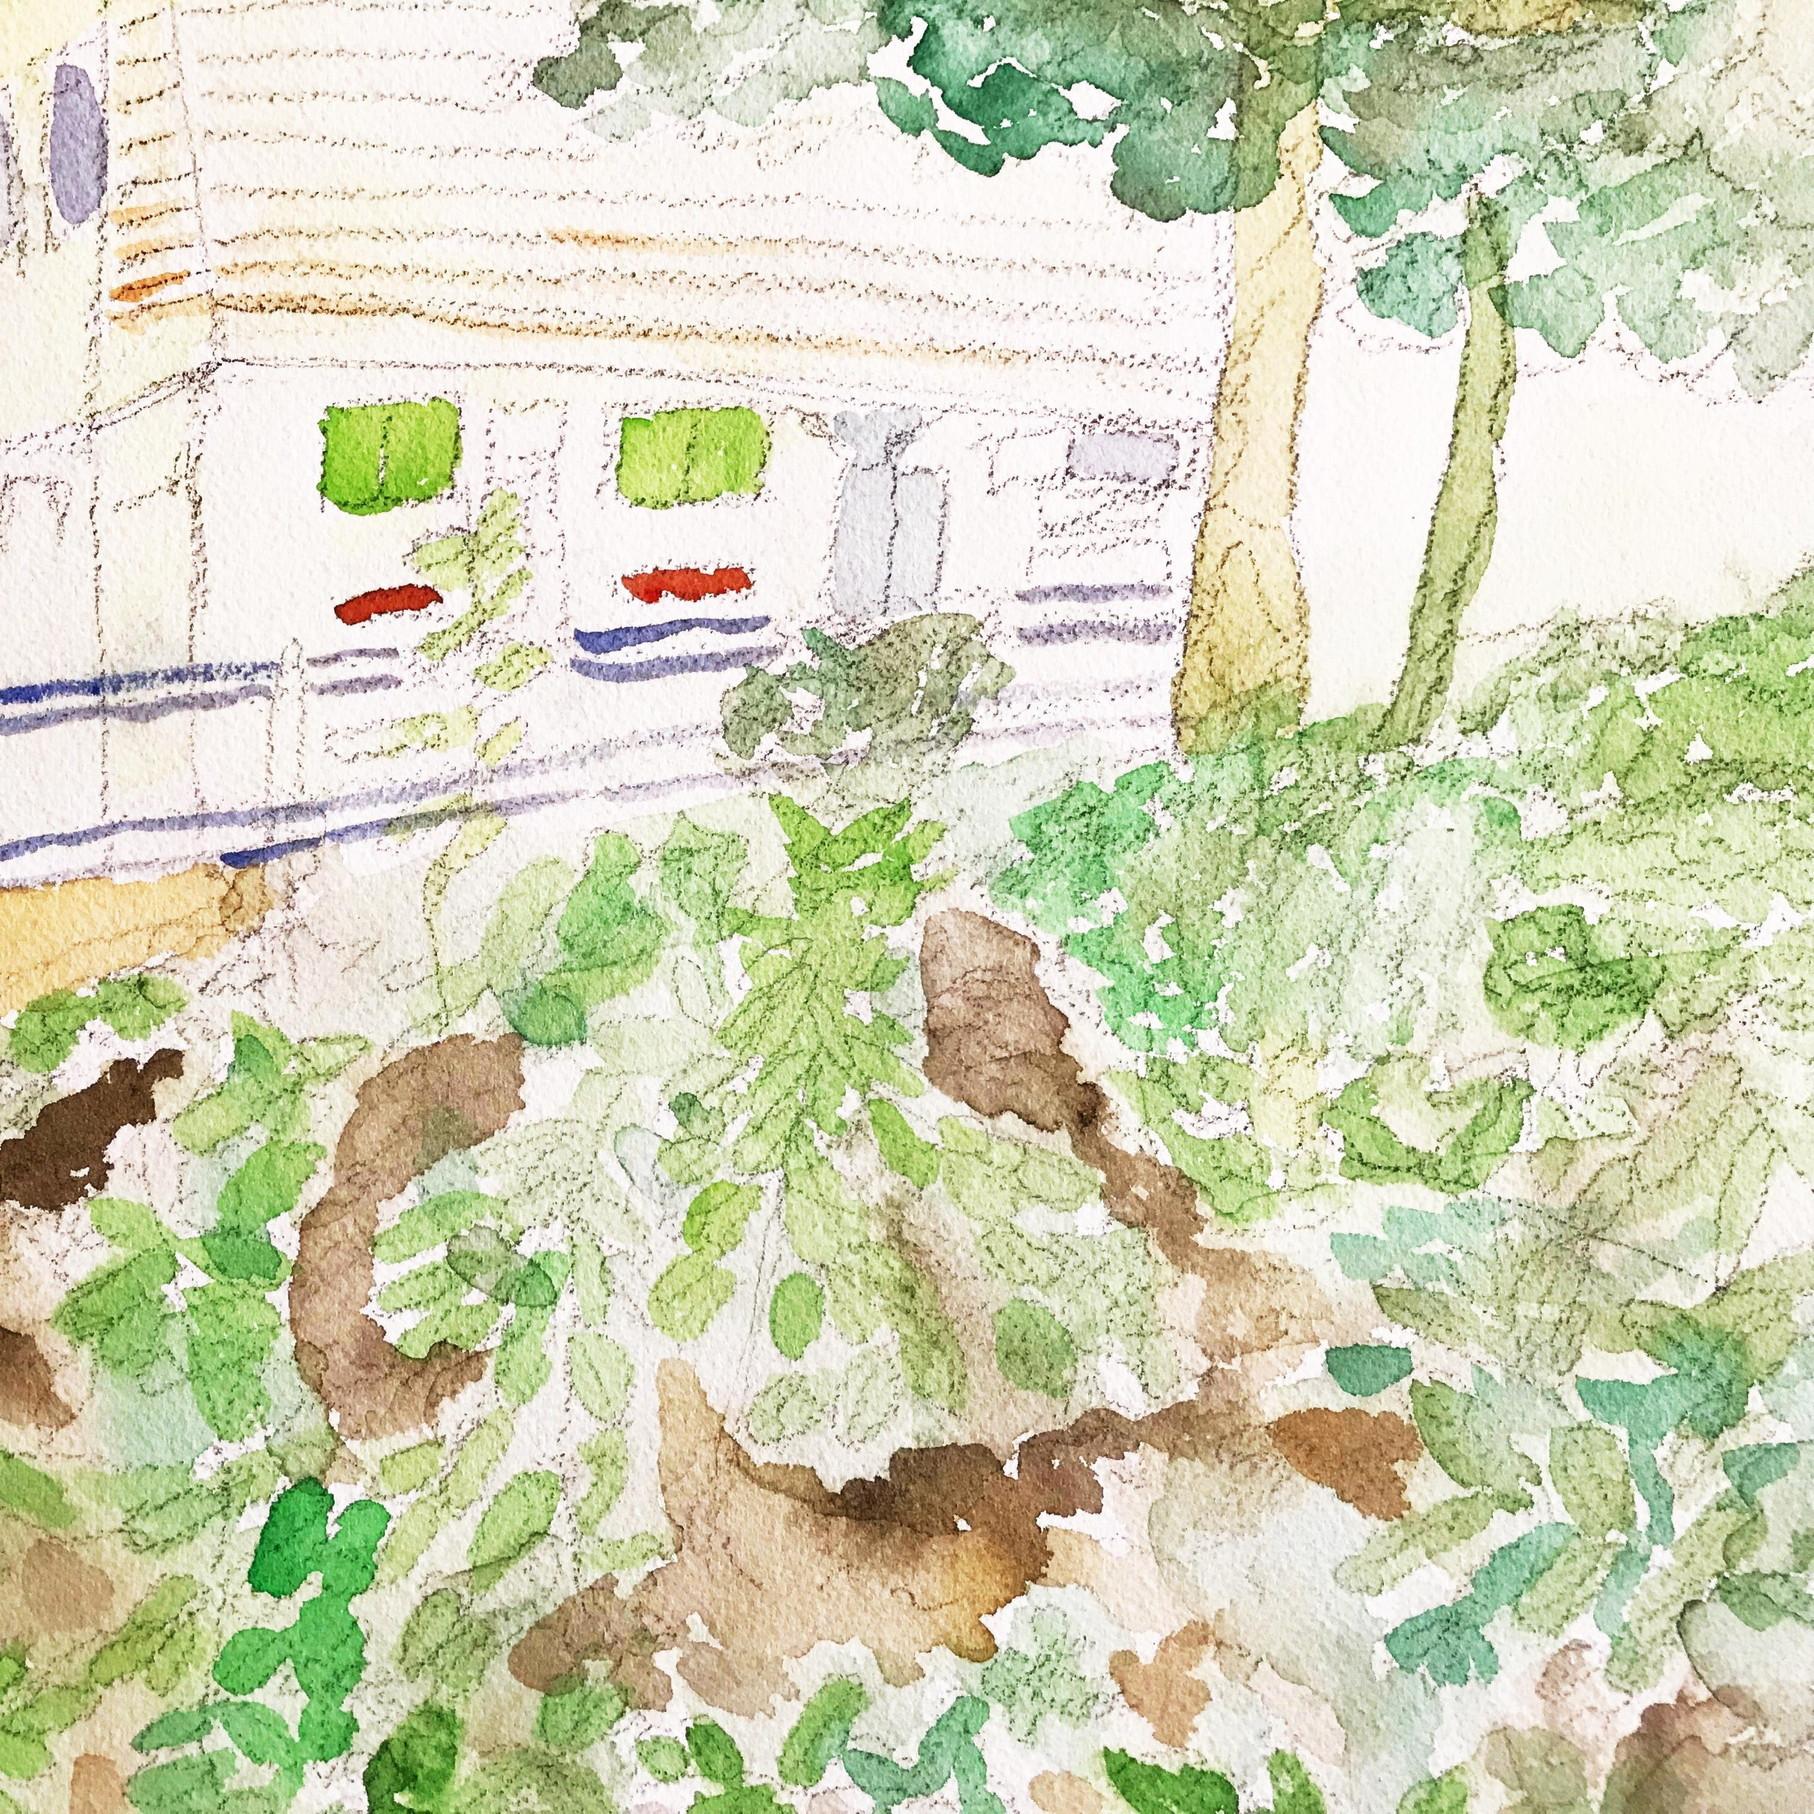 絵画 インテリア アートパネル 雑貨 壁掛け 置物 おしゃれ 風景画 アブストラクトアート 風景 ロココロ 画家 : YUTA SASAKI 作品 : もうひとつの景色